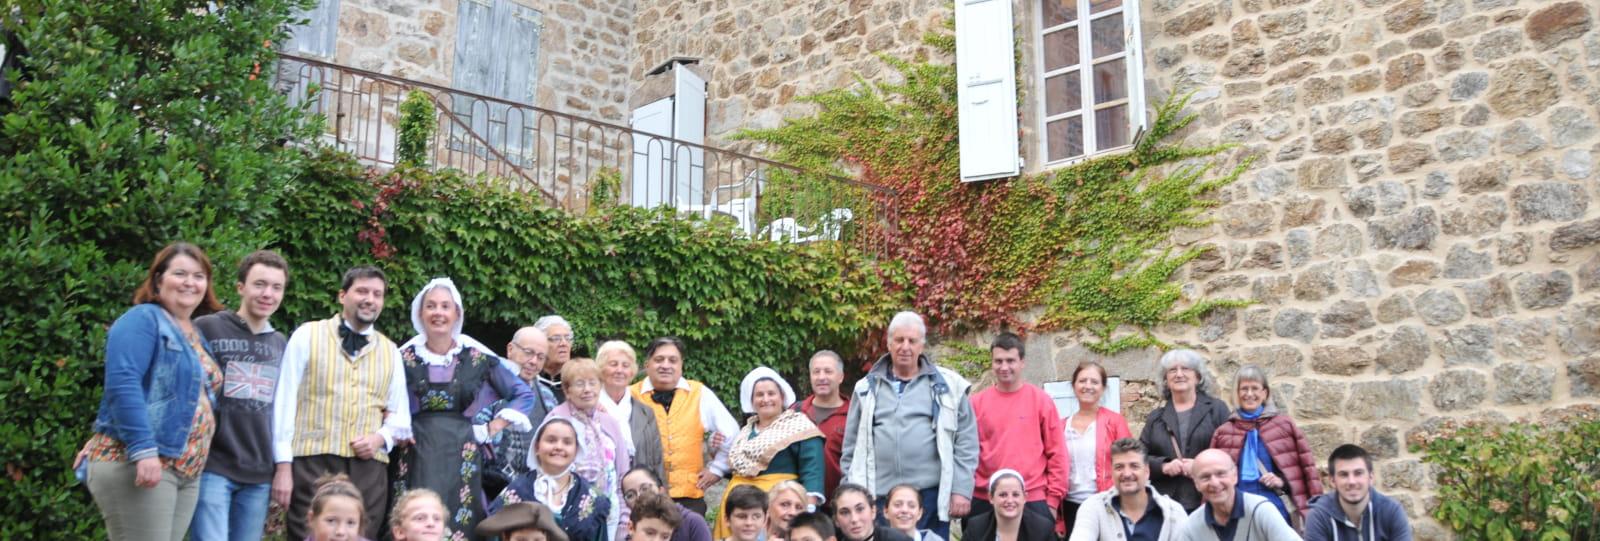 Visite de groupe Maison Charles Forot